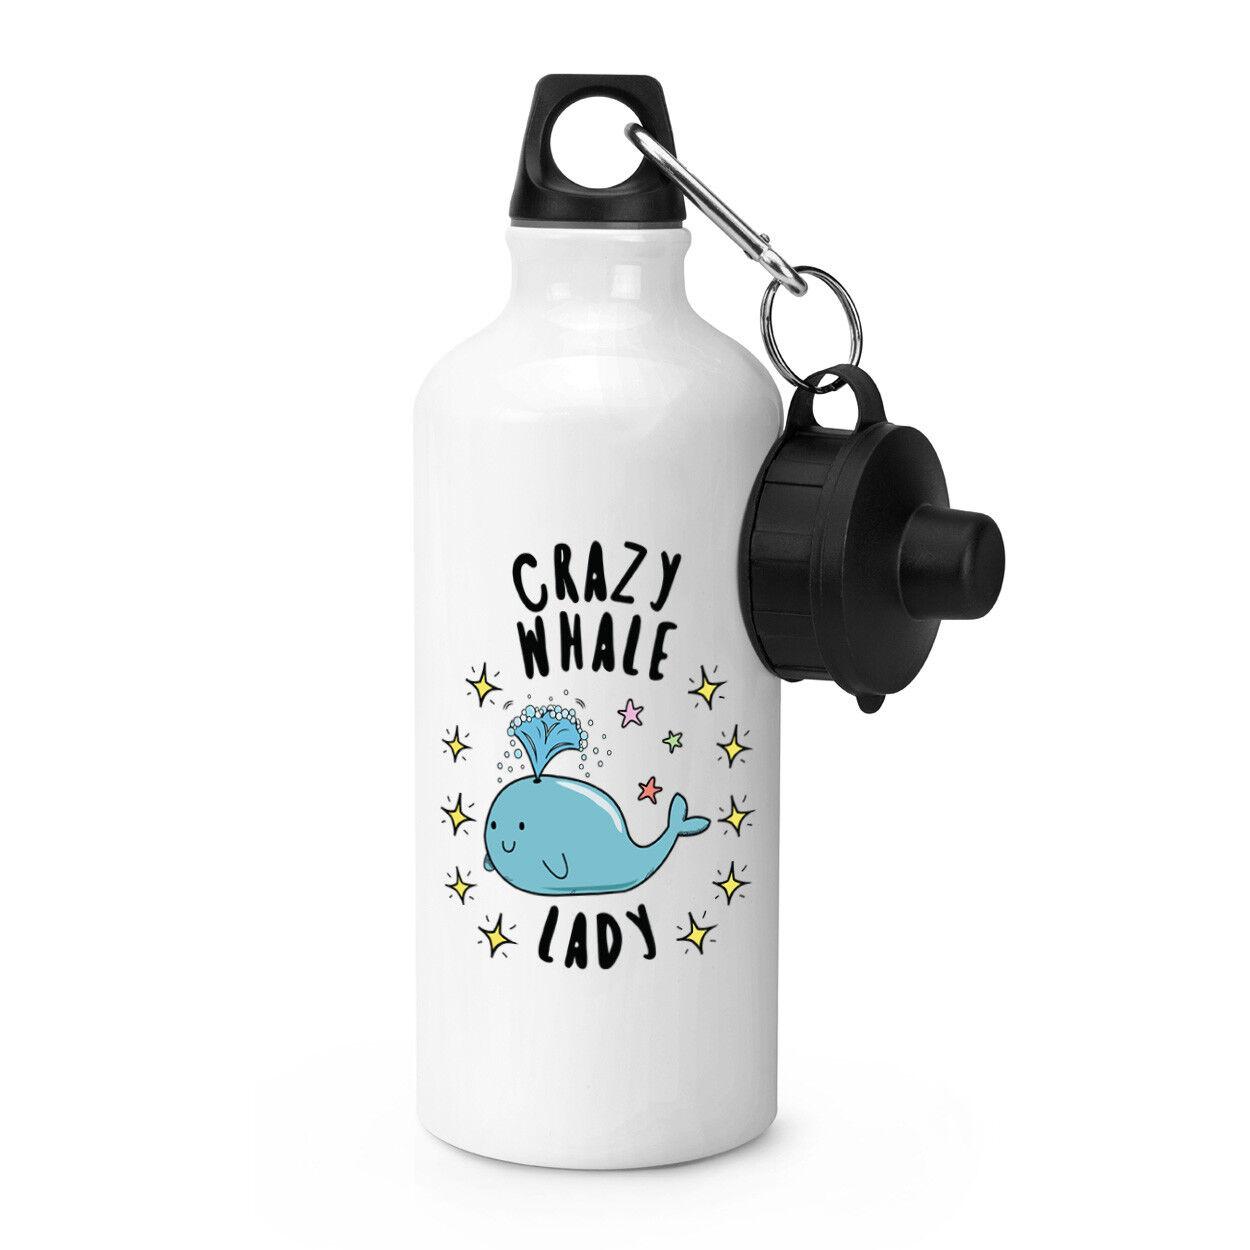 Crazy Whale fille étoiles Sports Bouteille Boisson Boisson Boisson Camping Flasque - Drôle 66da9b